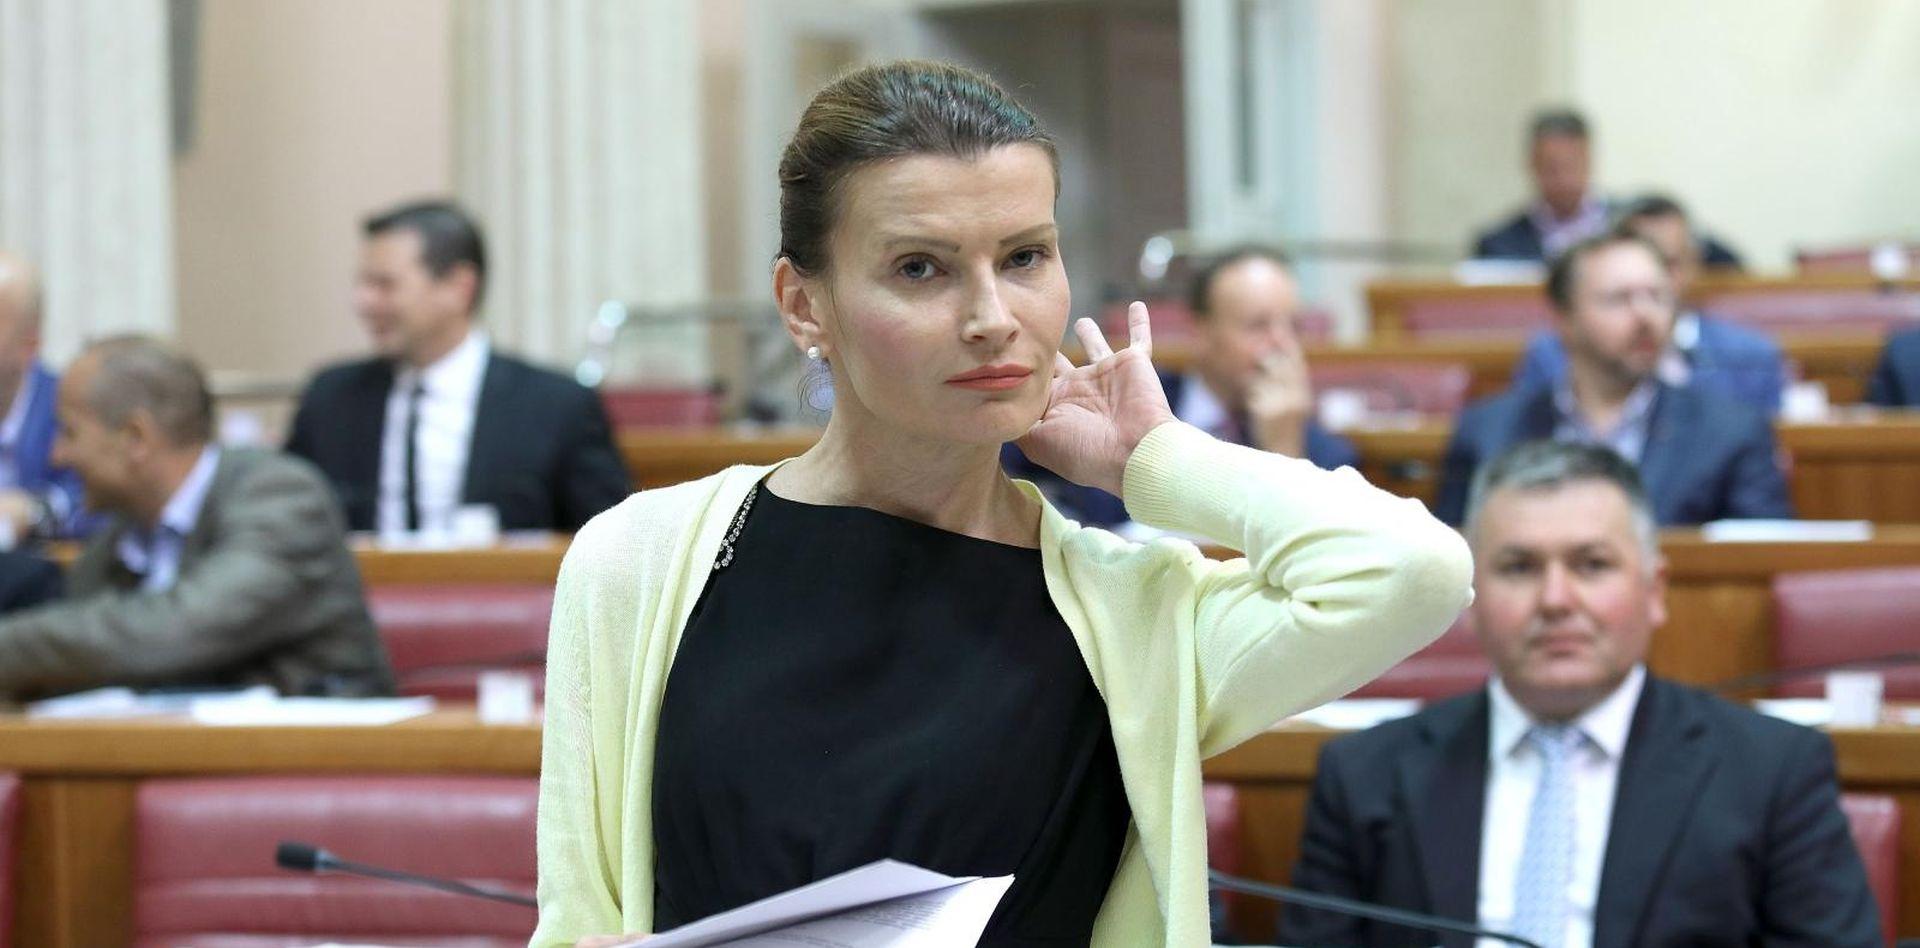 SASTANAK U SDP-U Glasovac najavila ostavku na mjesto potpredsjednice Kluba